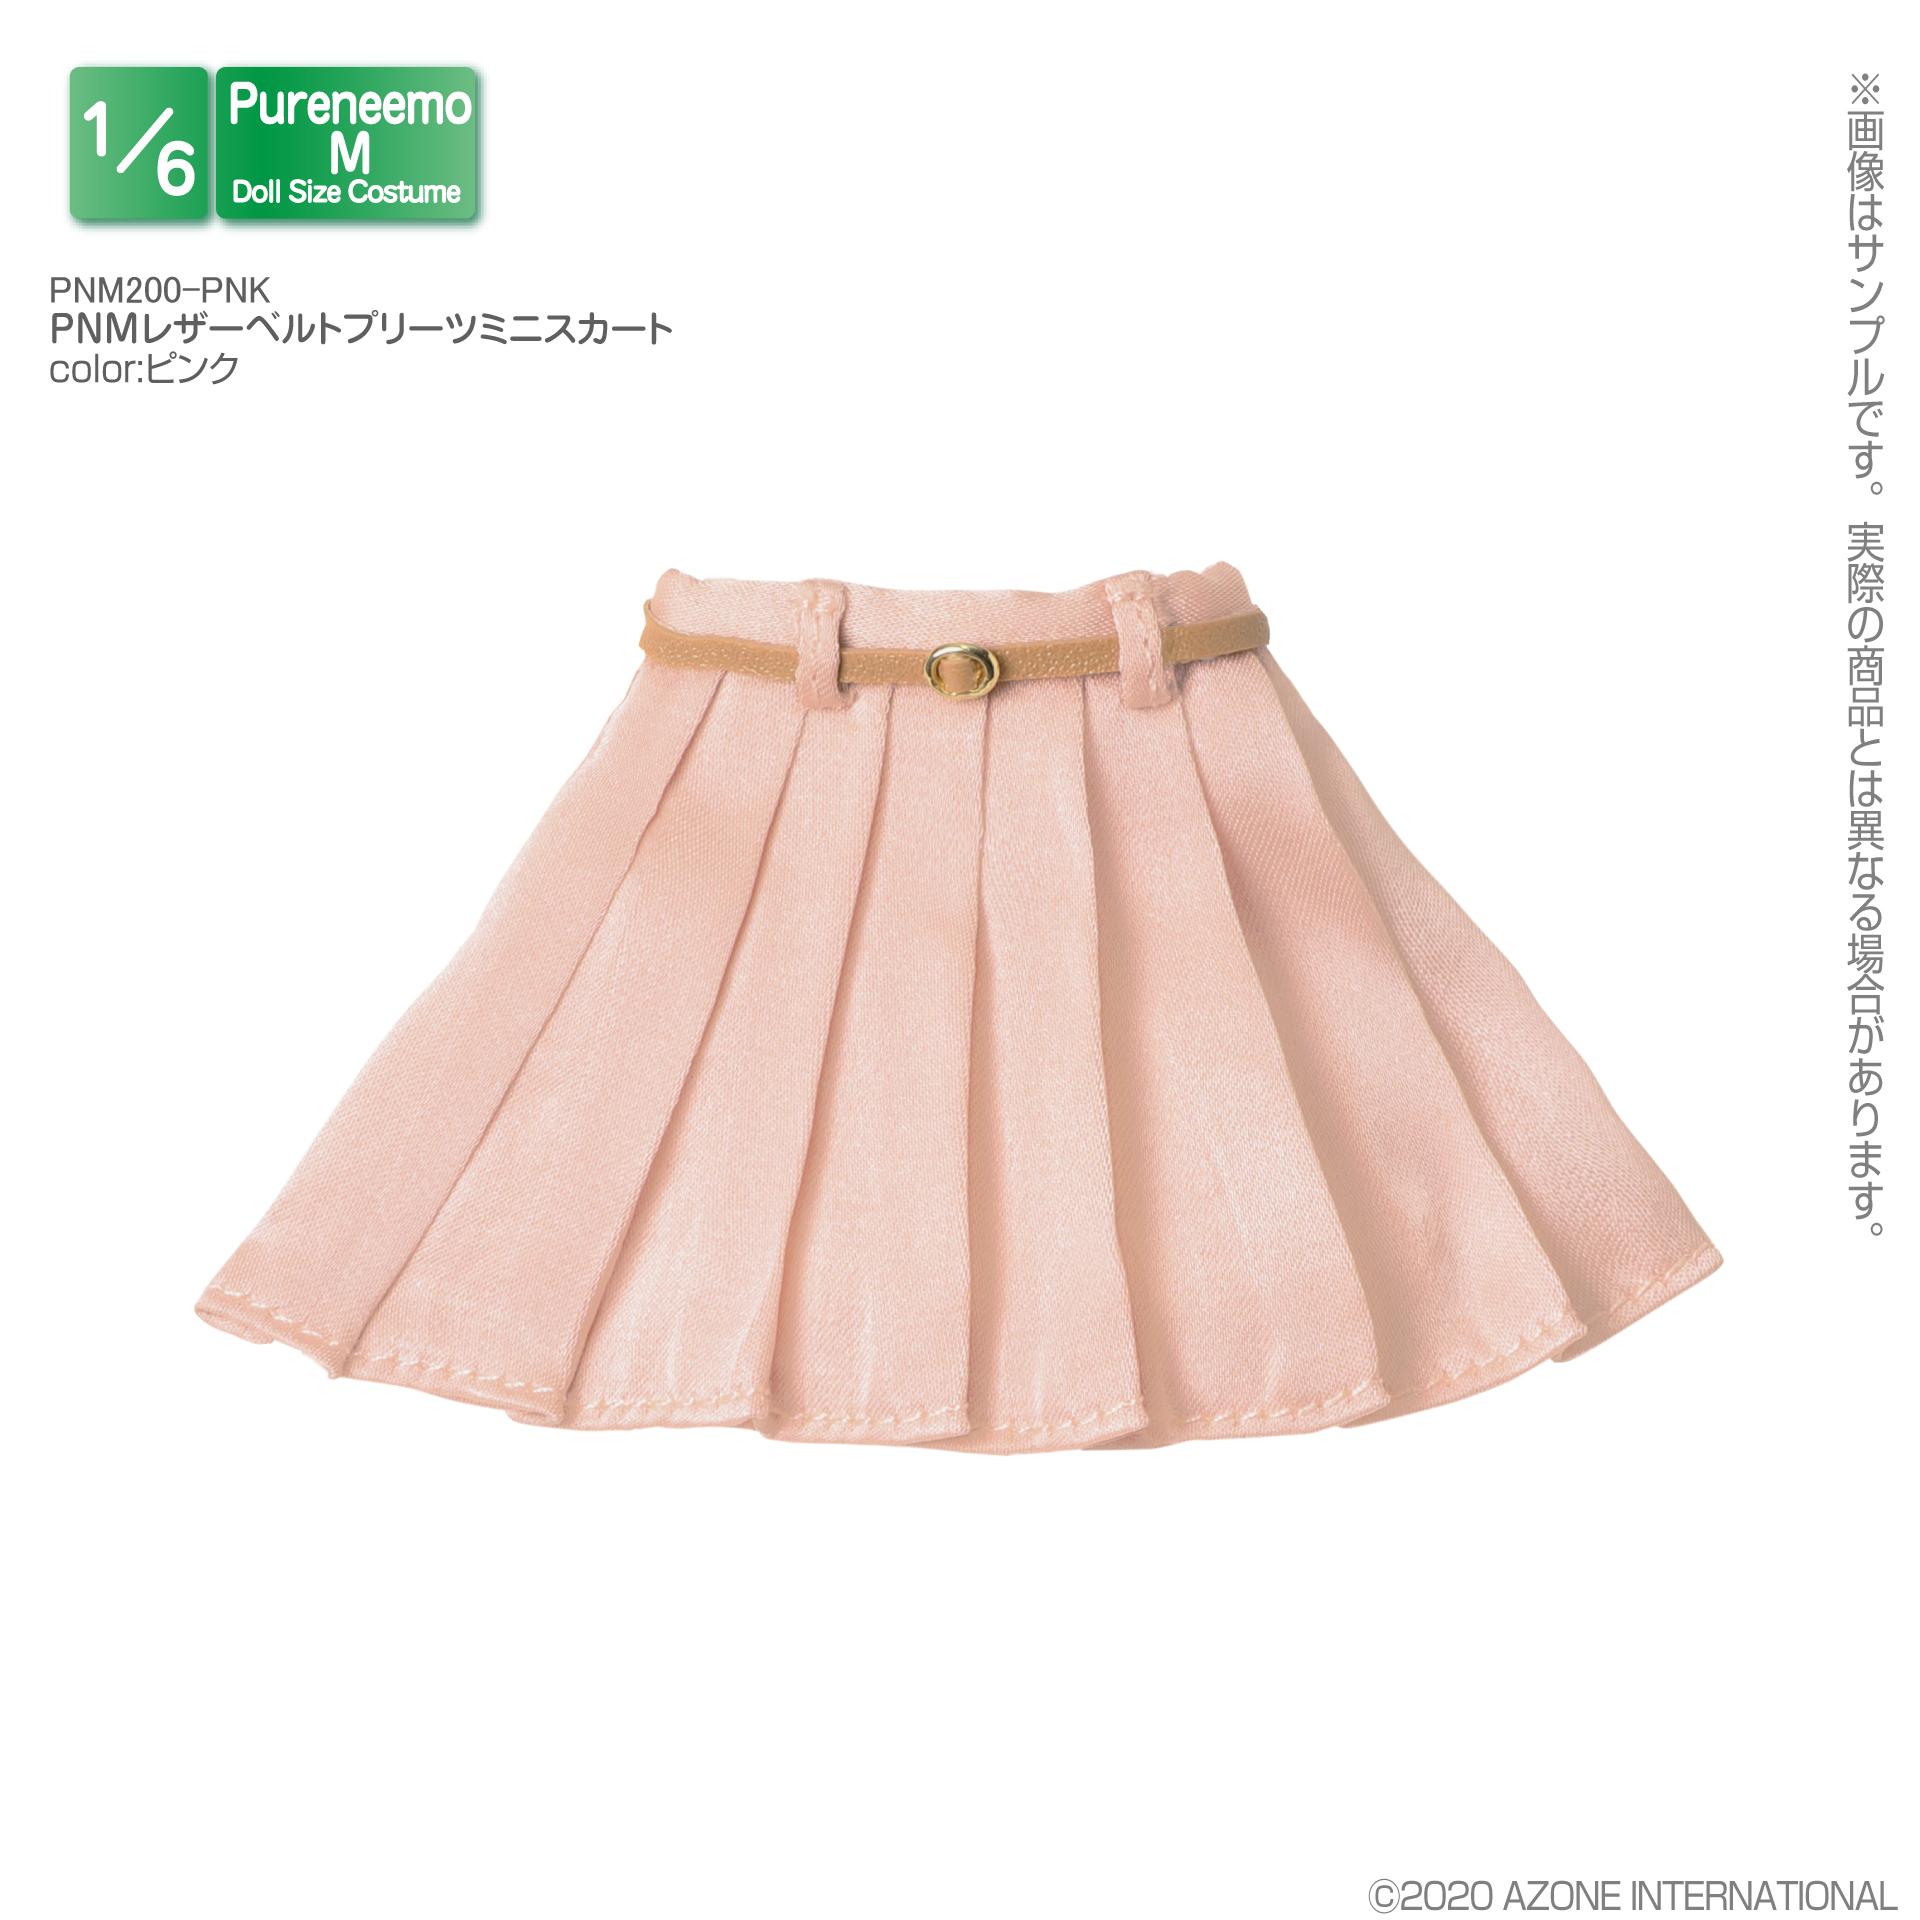 ピュアニーモ用 PNM『レザーベルトプリーツミニスカート[ピンク]』1/6 ドール服-001